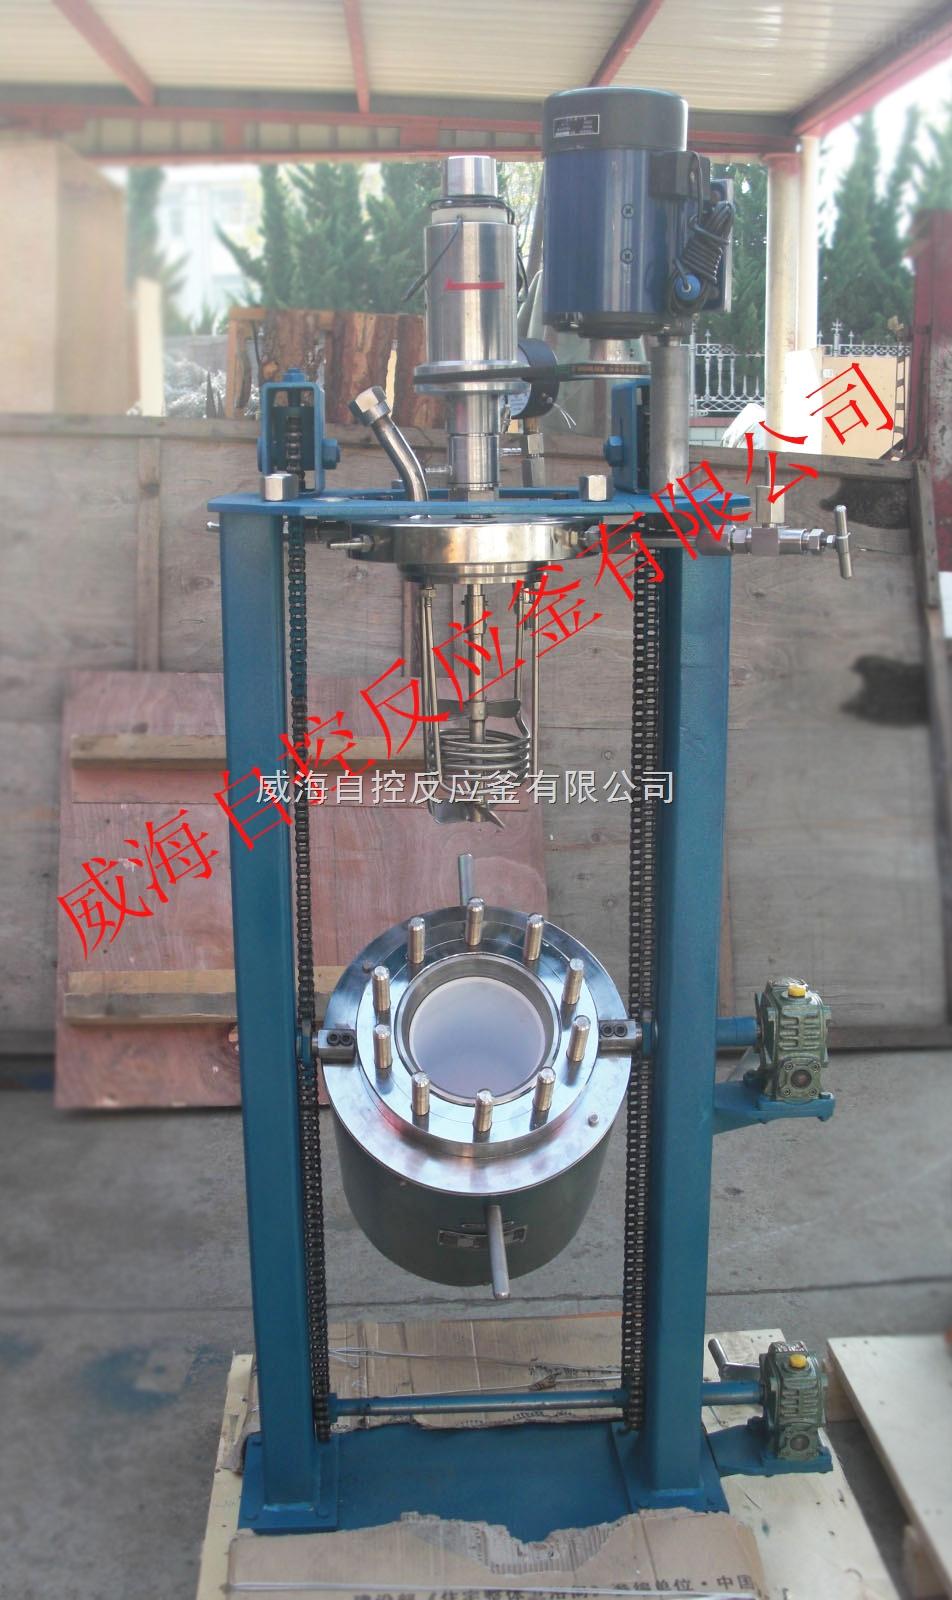 聚合反应釜机械密封